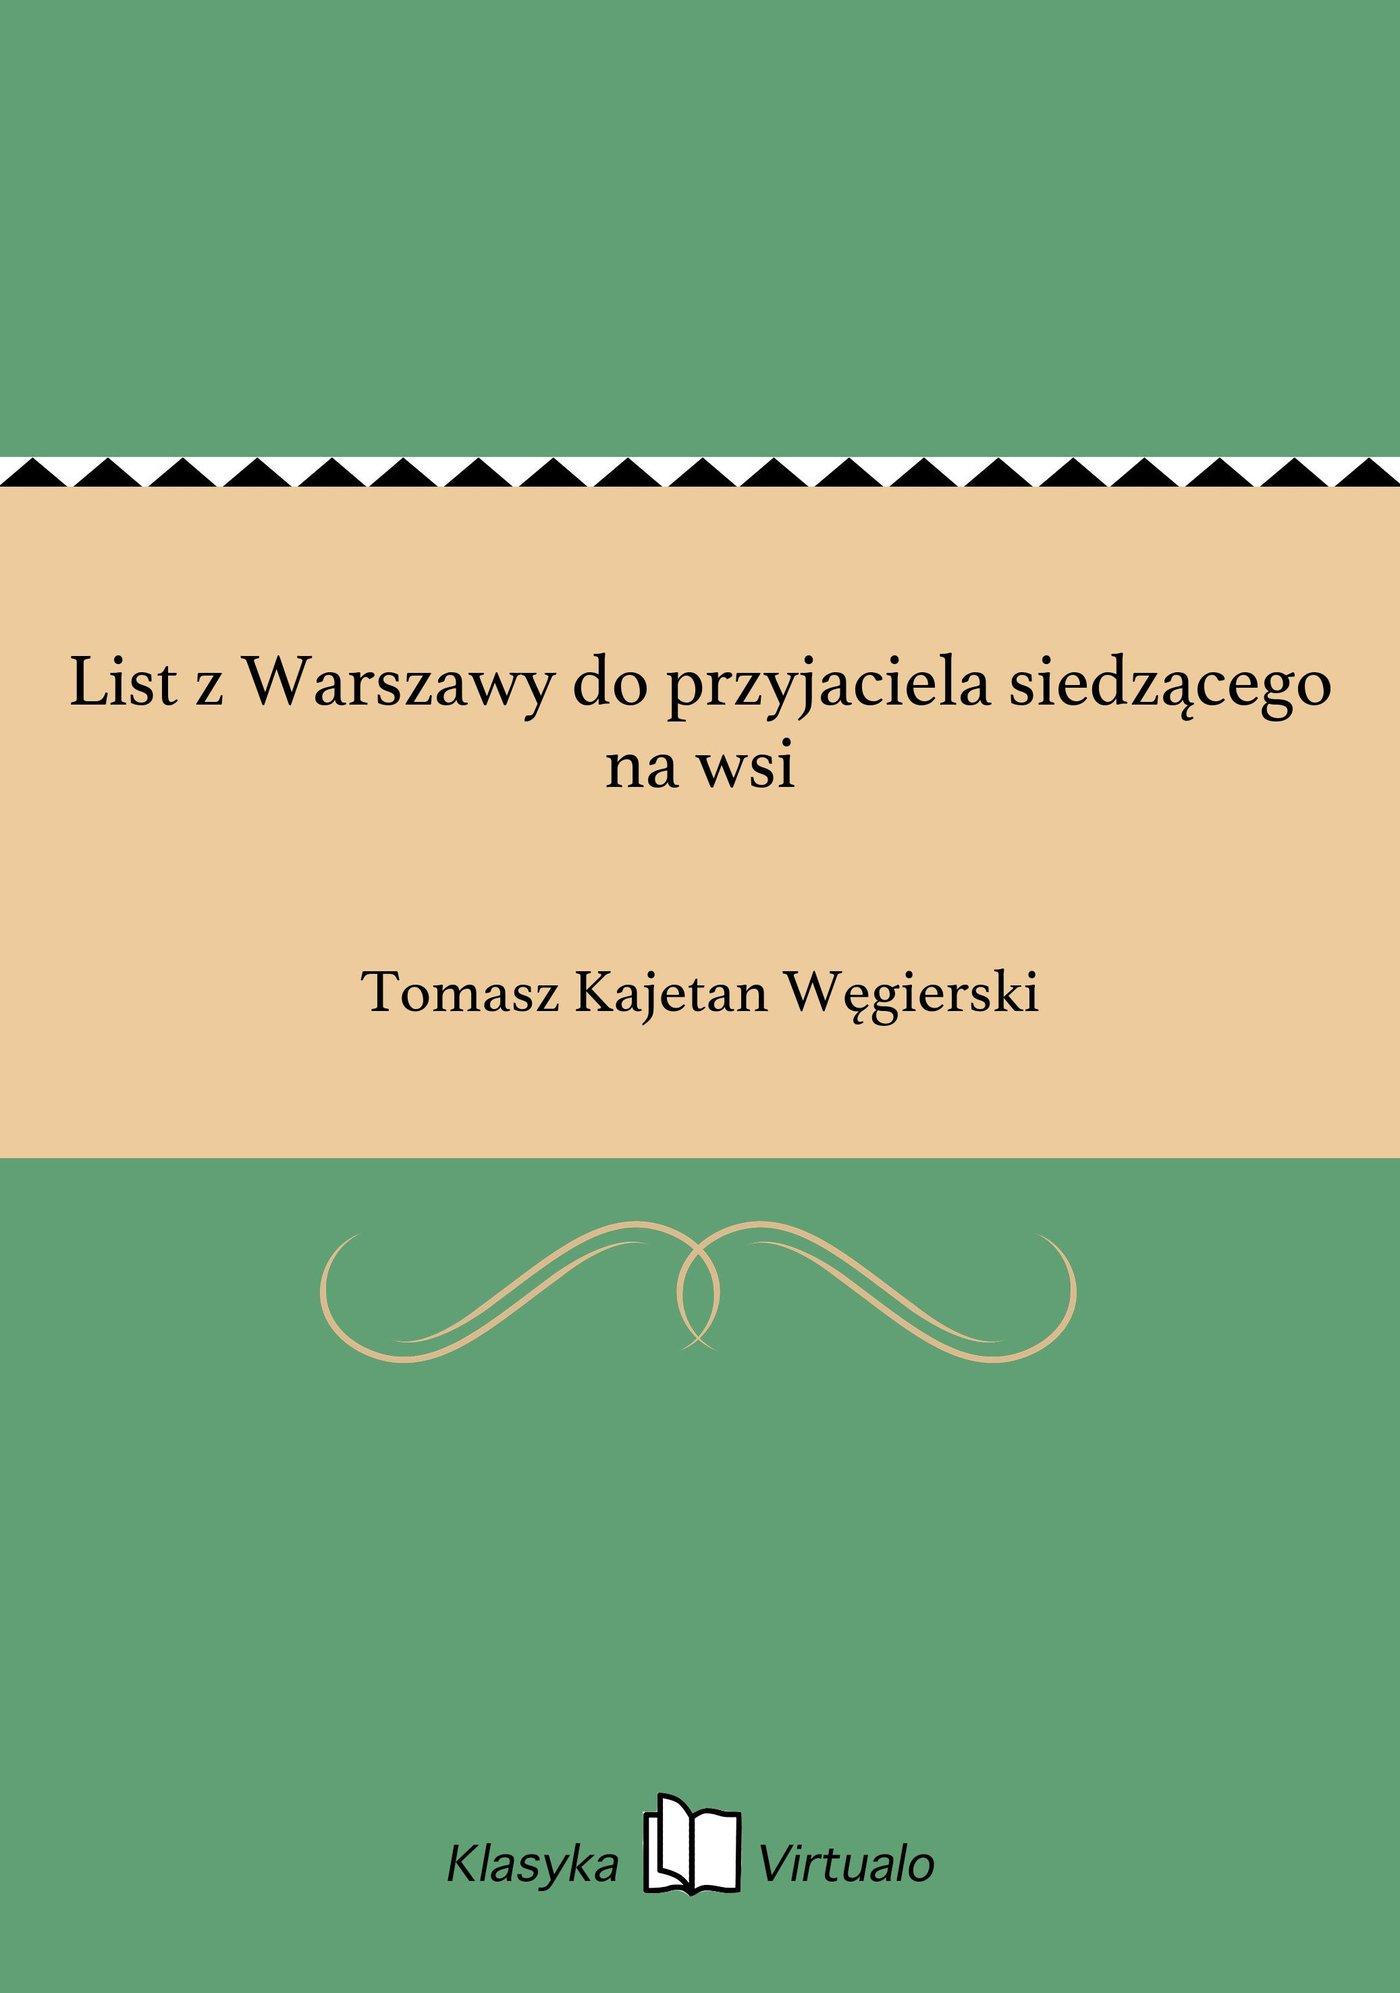 List z Warszawy do przyjaciela siedzącego na wsi - Ebook (Książka EPUB) do pobrania w formacie EPUB